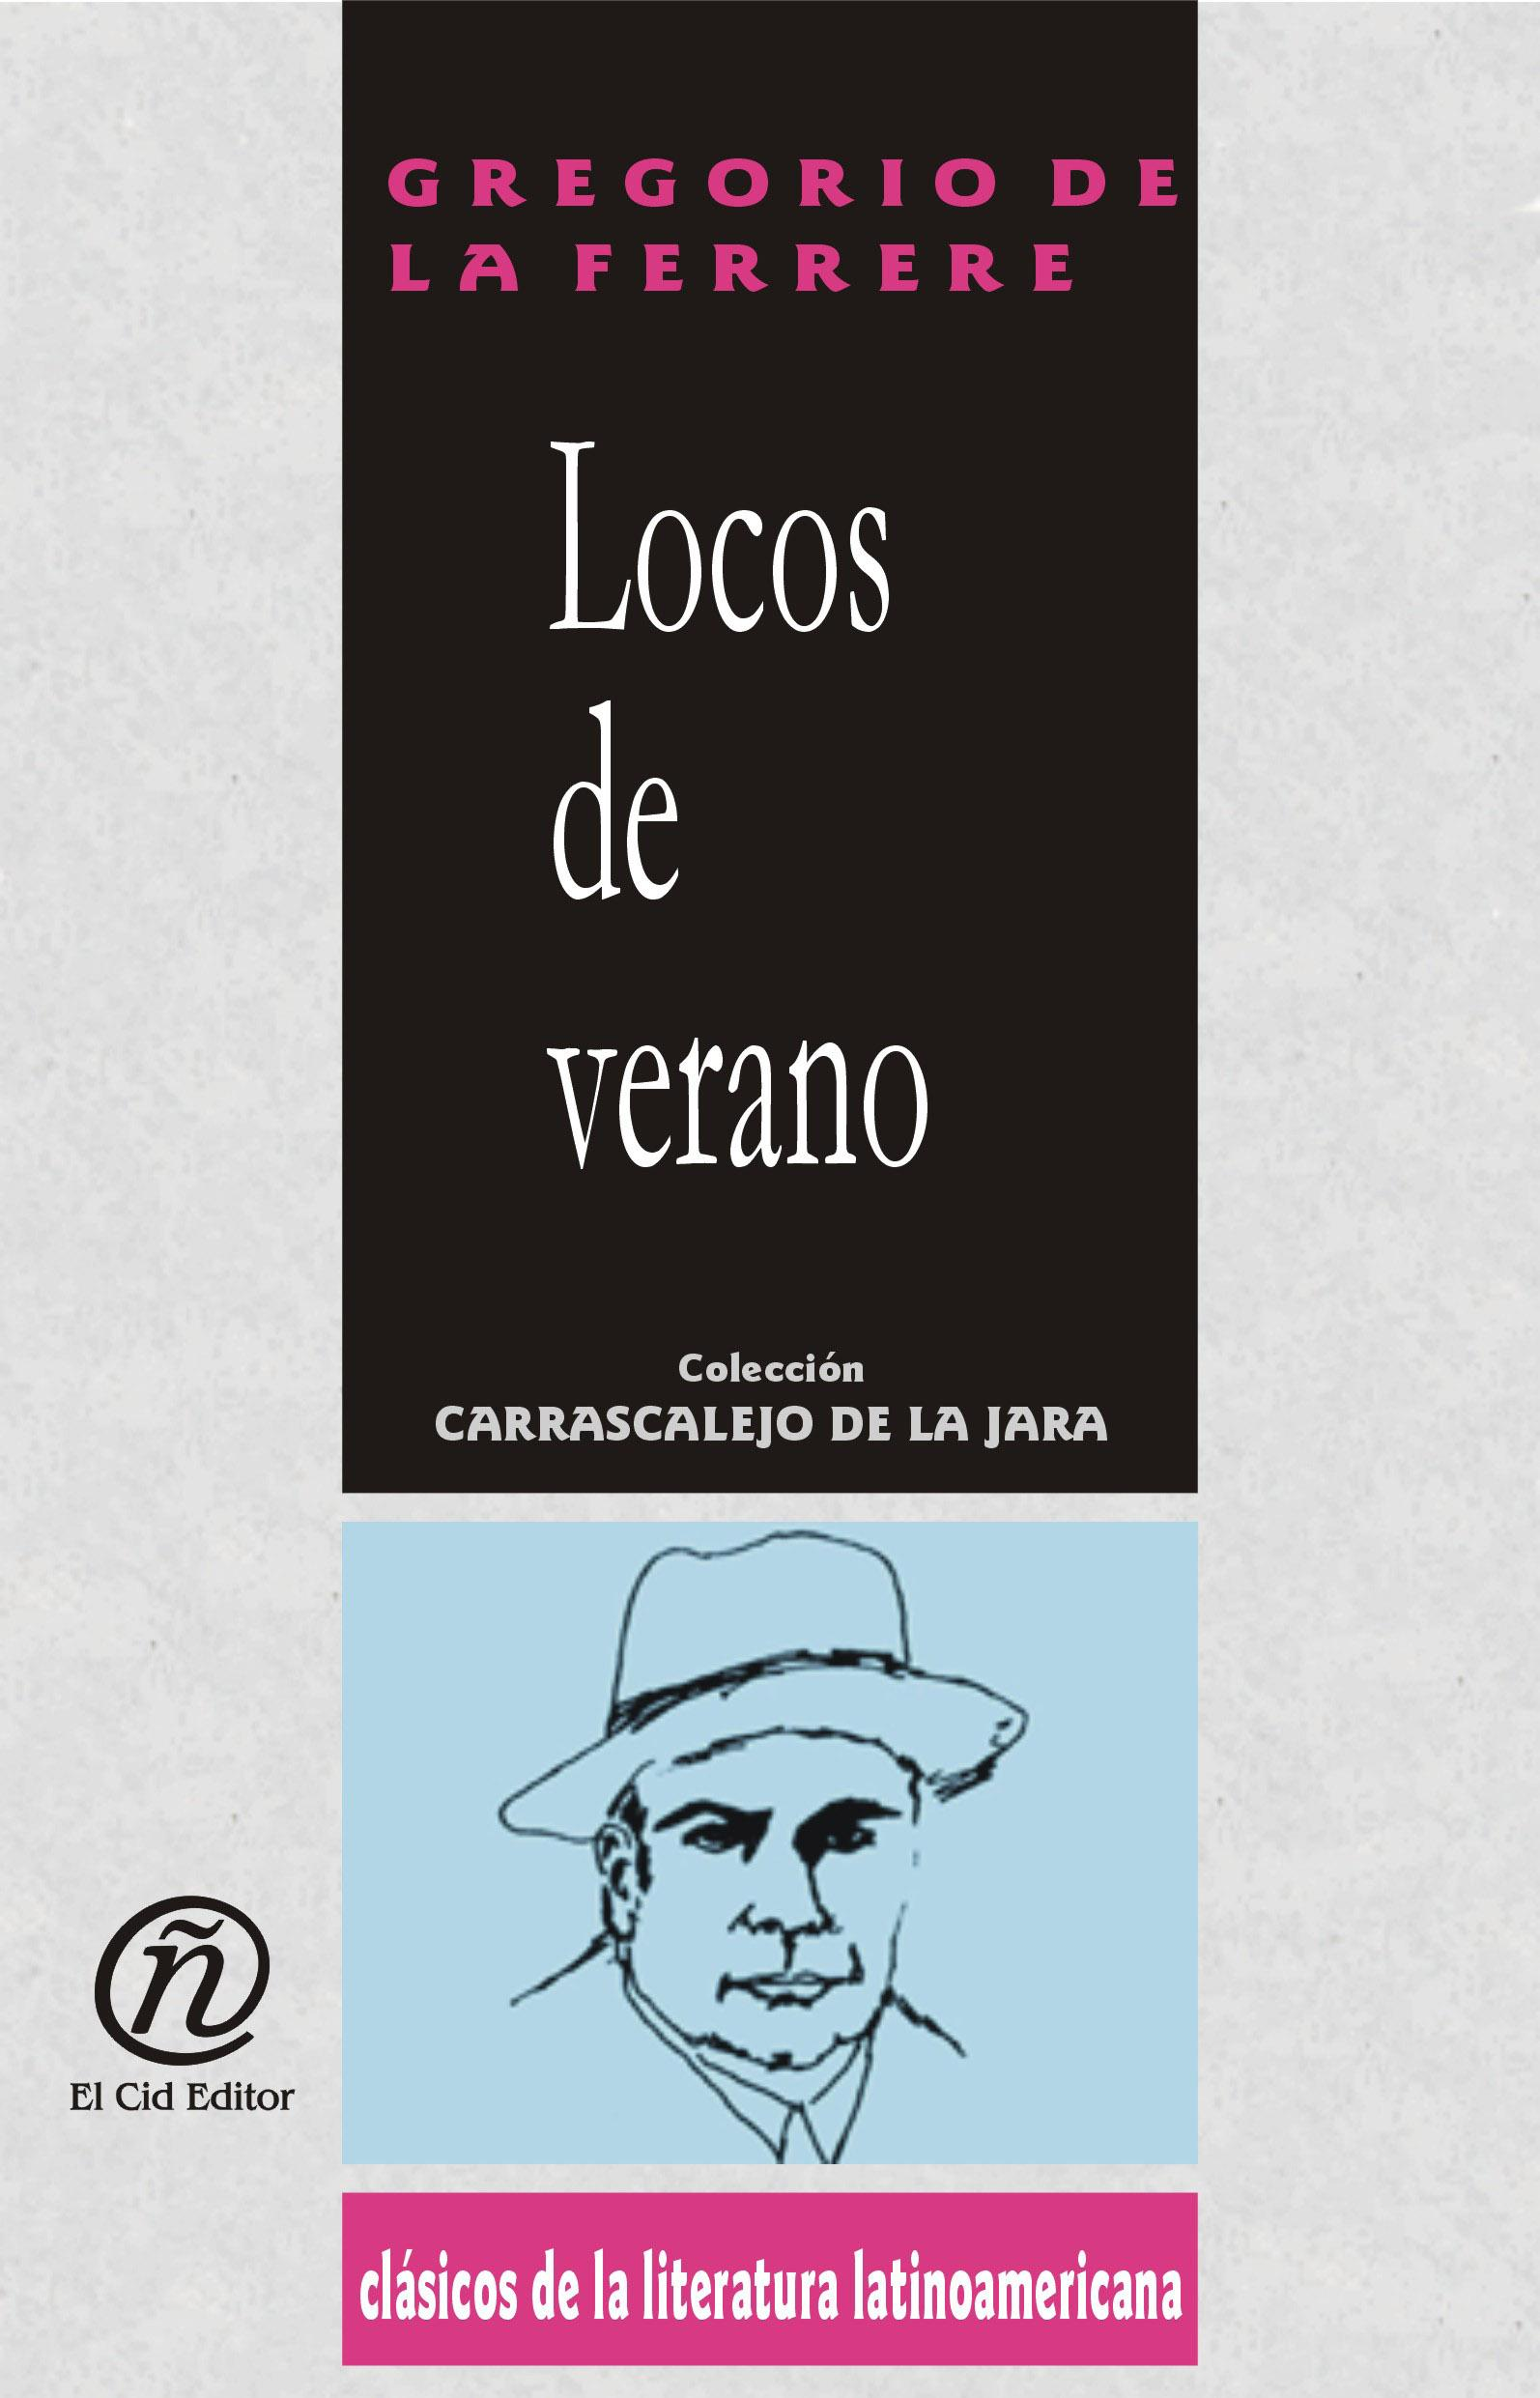 Locos de verano: Colecci?n de Cl?sicos de la Literatura Latinoamericana